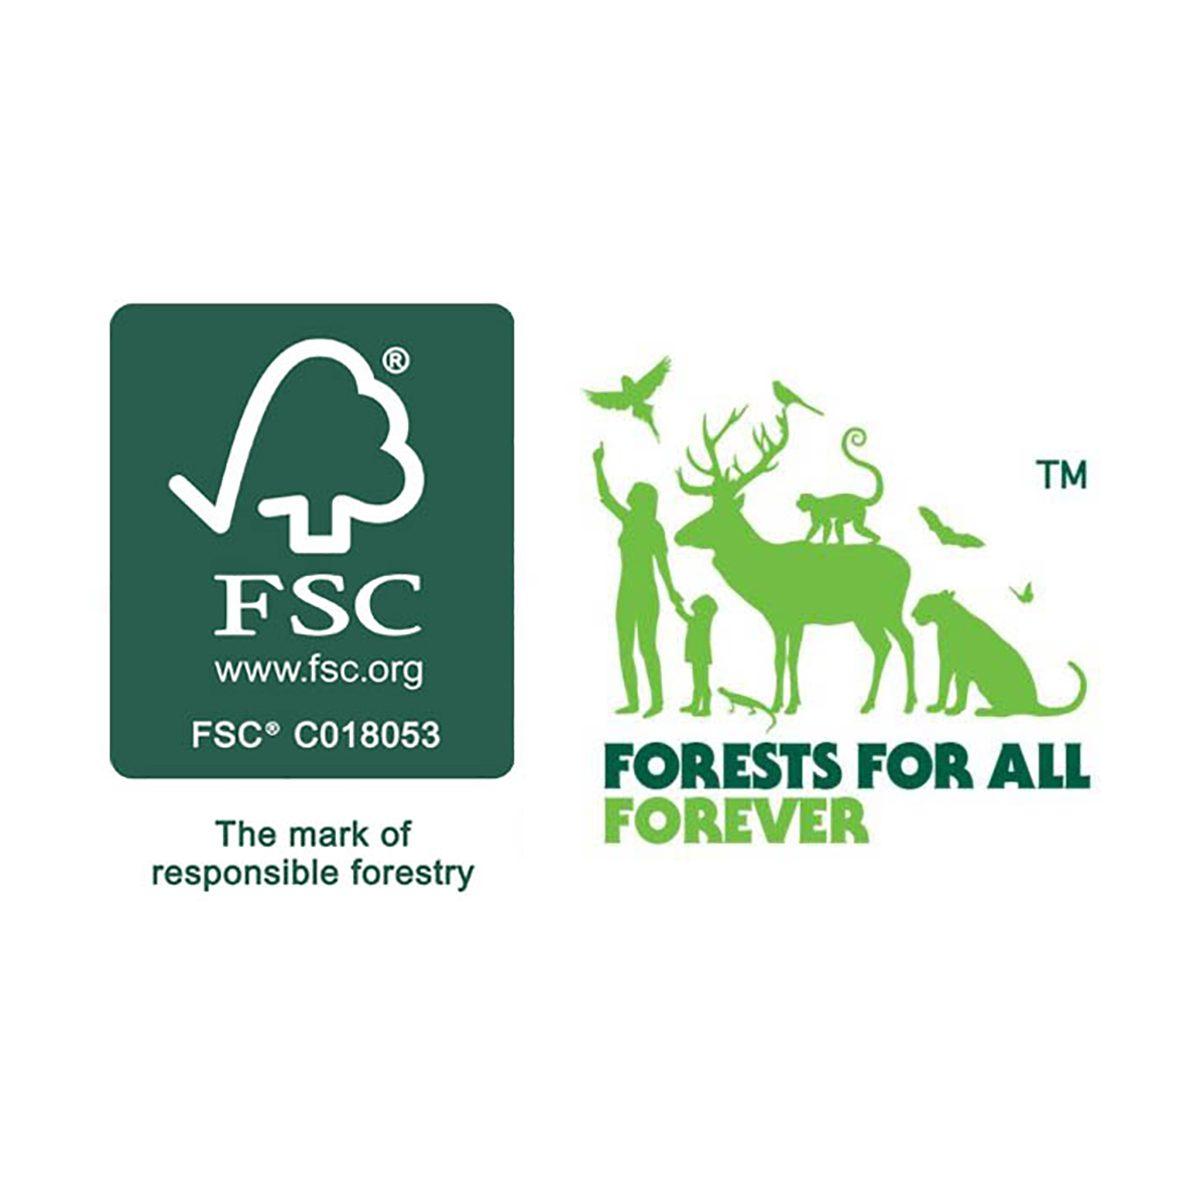 FSC-logo-1024x598-1-600x400_updated4